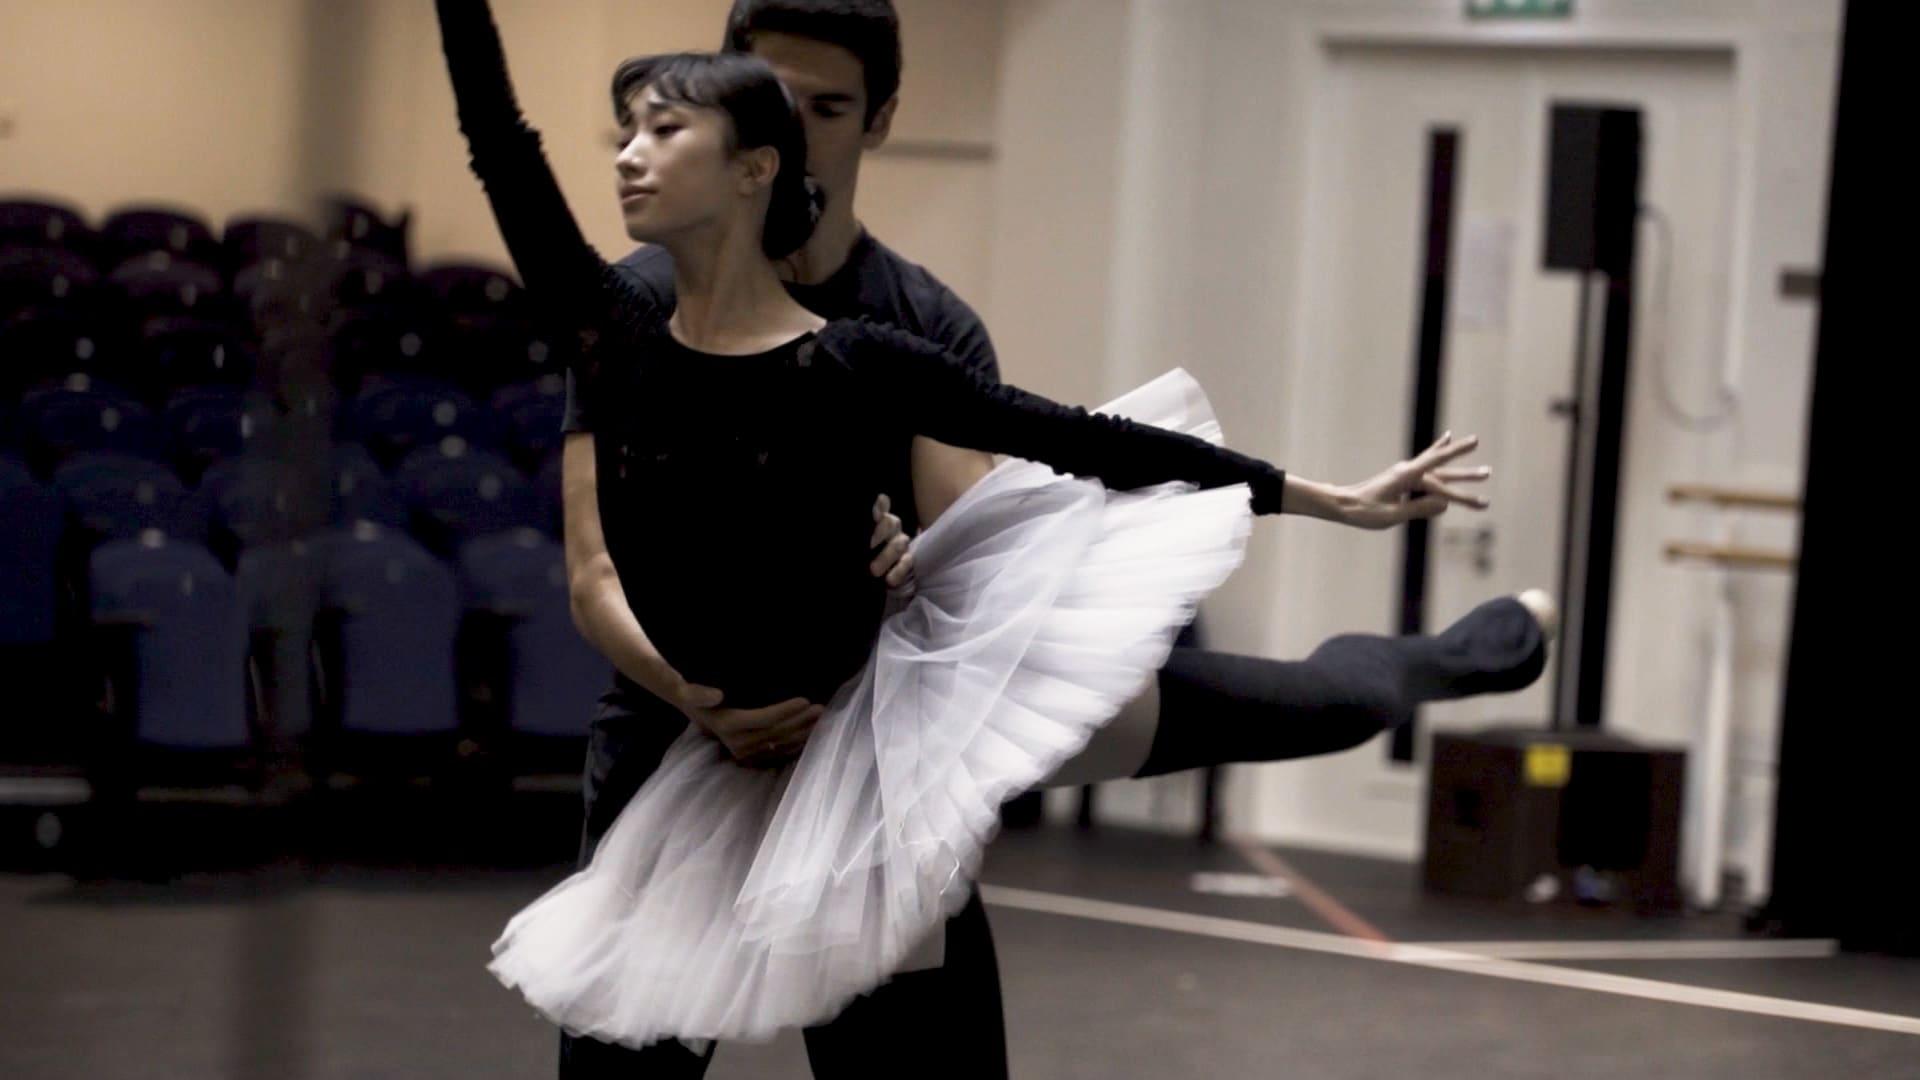 شاهد كيف تتدرب فرقة الباليه الملكية تحت الإغلاق الثاني في لندن